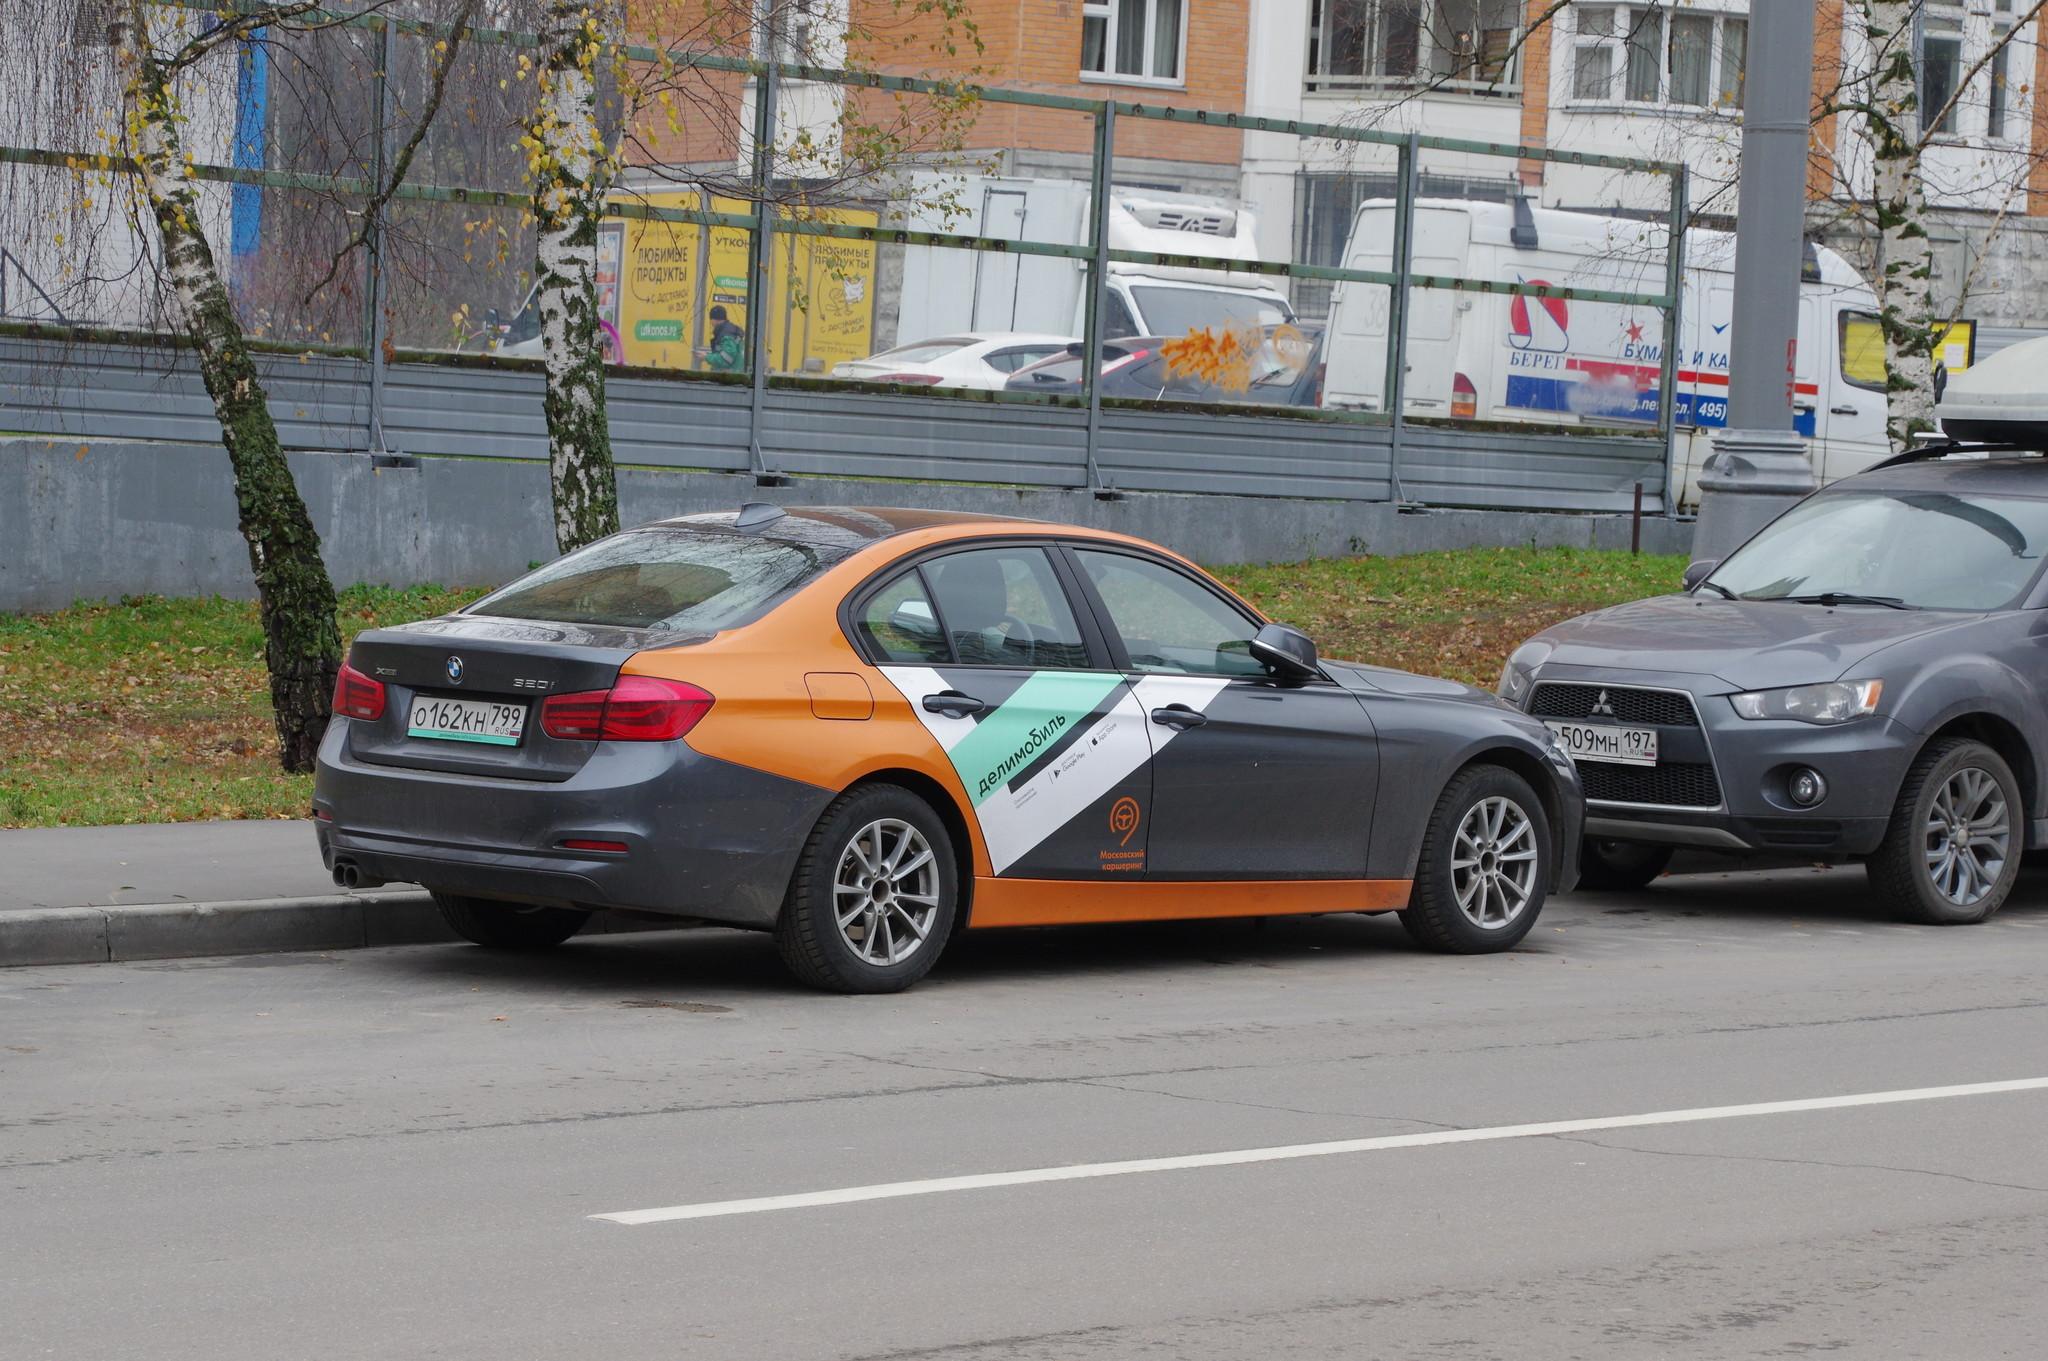 Автомобиль BMW Московского каршеринга на 9-ой Северной линии